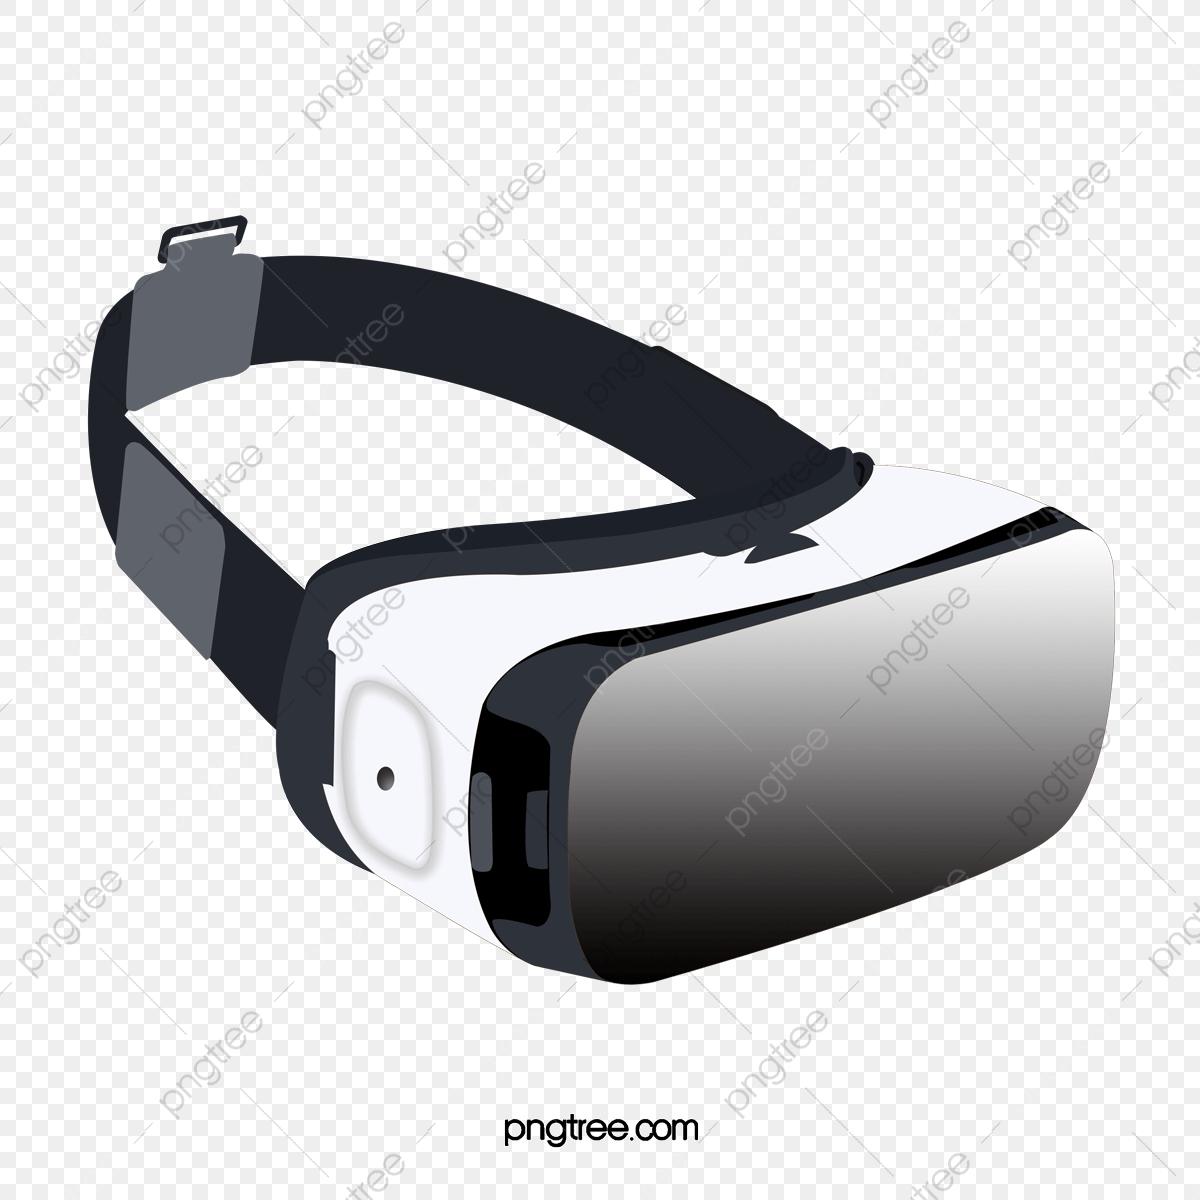 Vr Helmet, Vr Glasses, Vr Games PNG Transparent Clipart Image and.